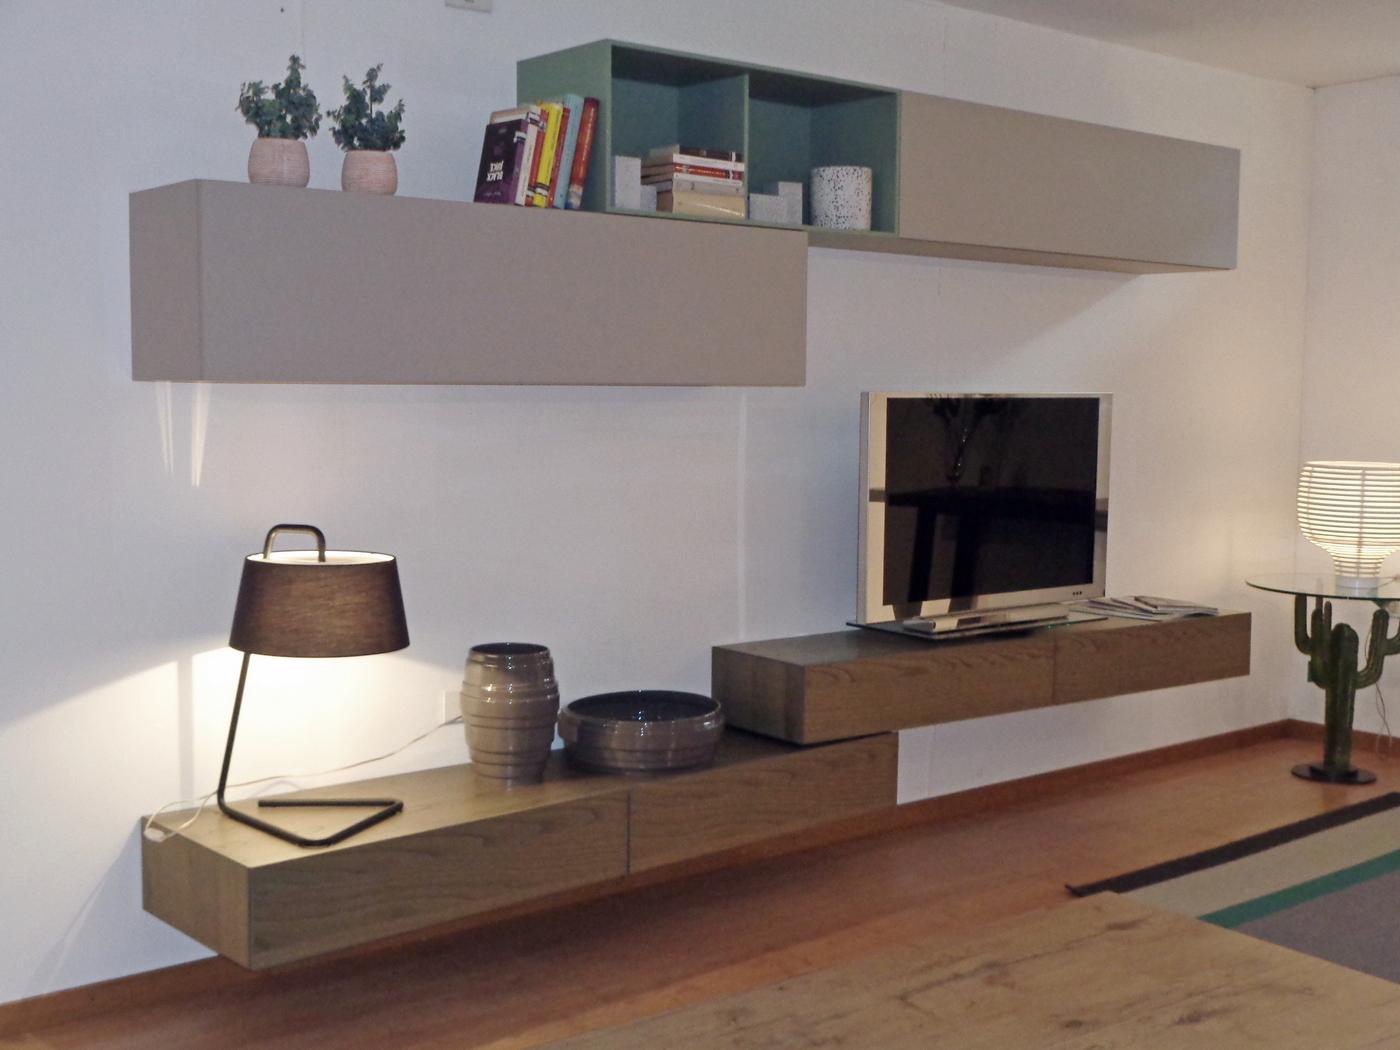 outlet mobili da soggiorno a prezzo d'occasione Bergamo